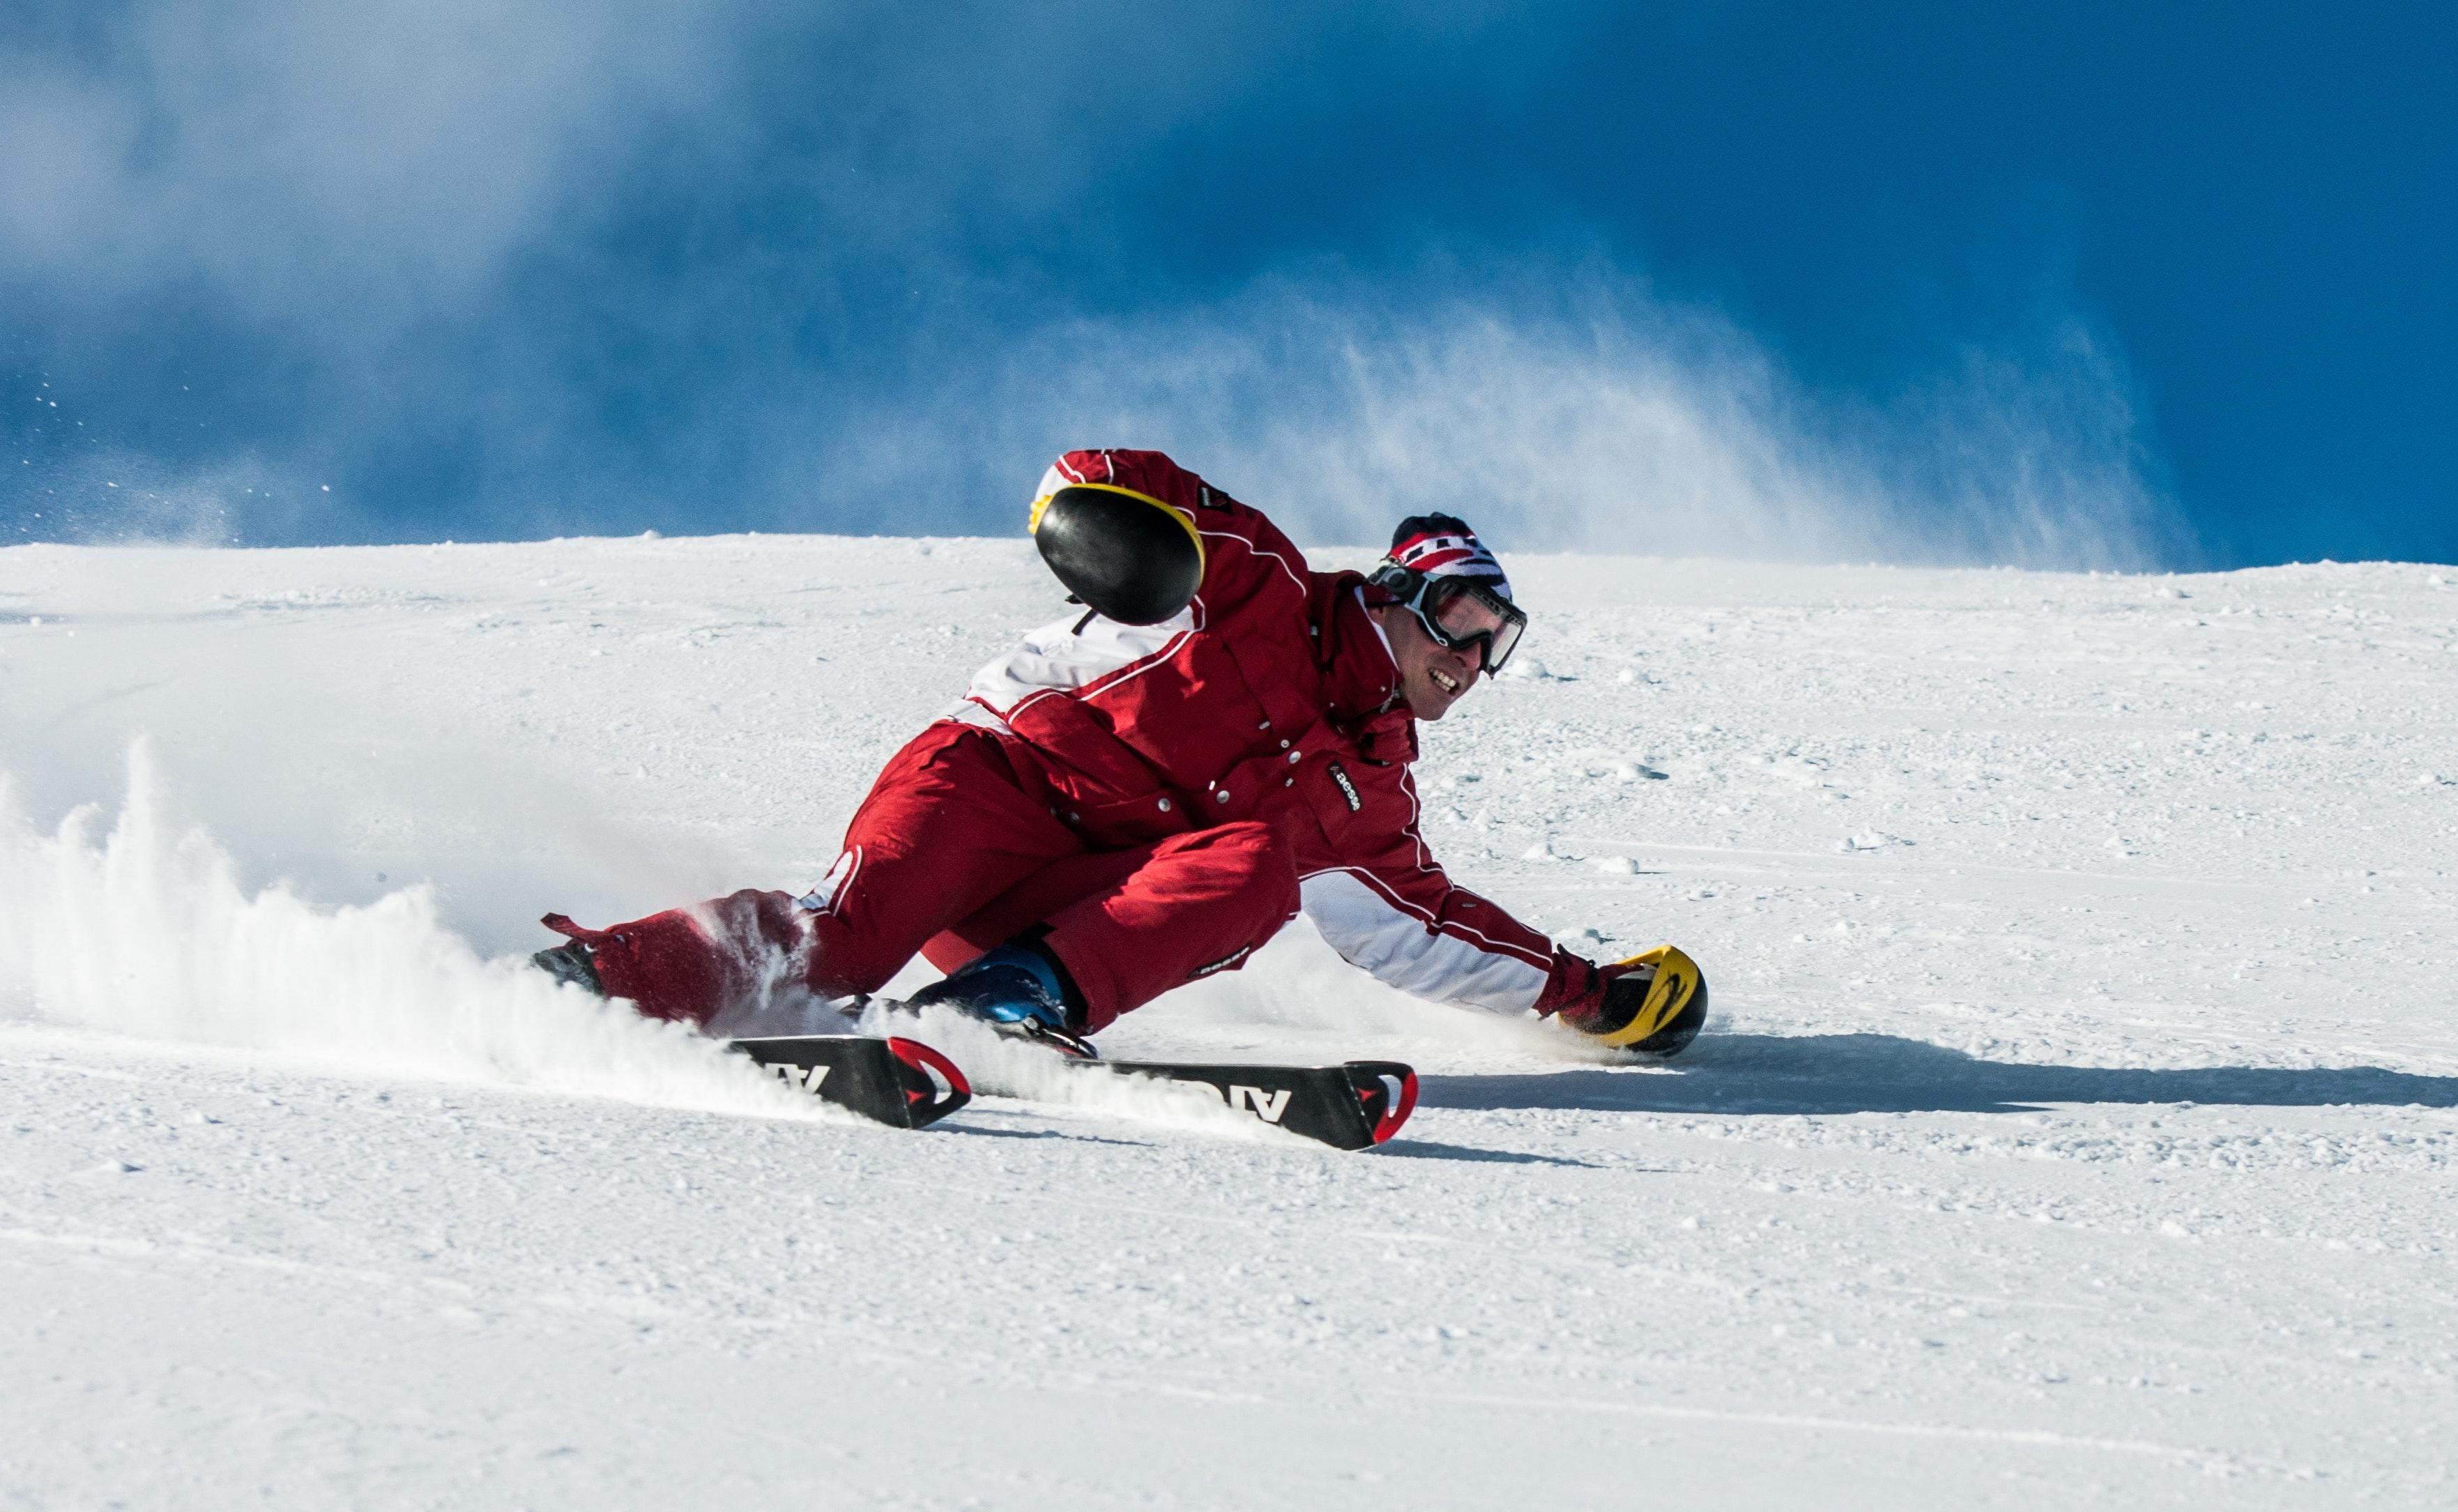 Skiing in Vail Colorado